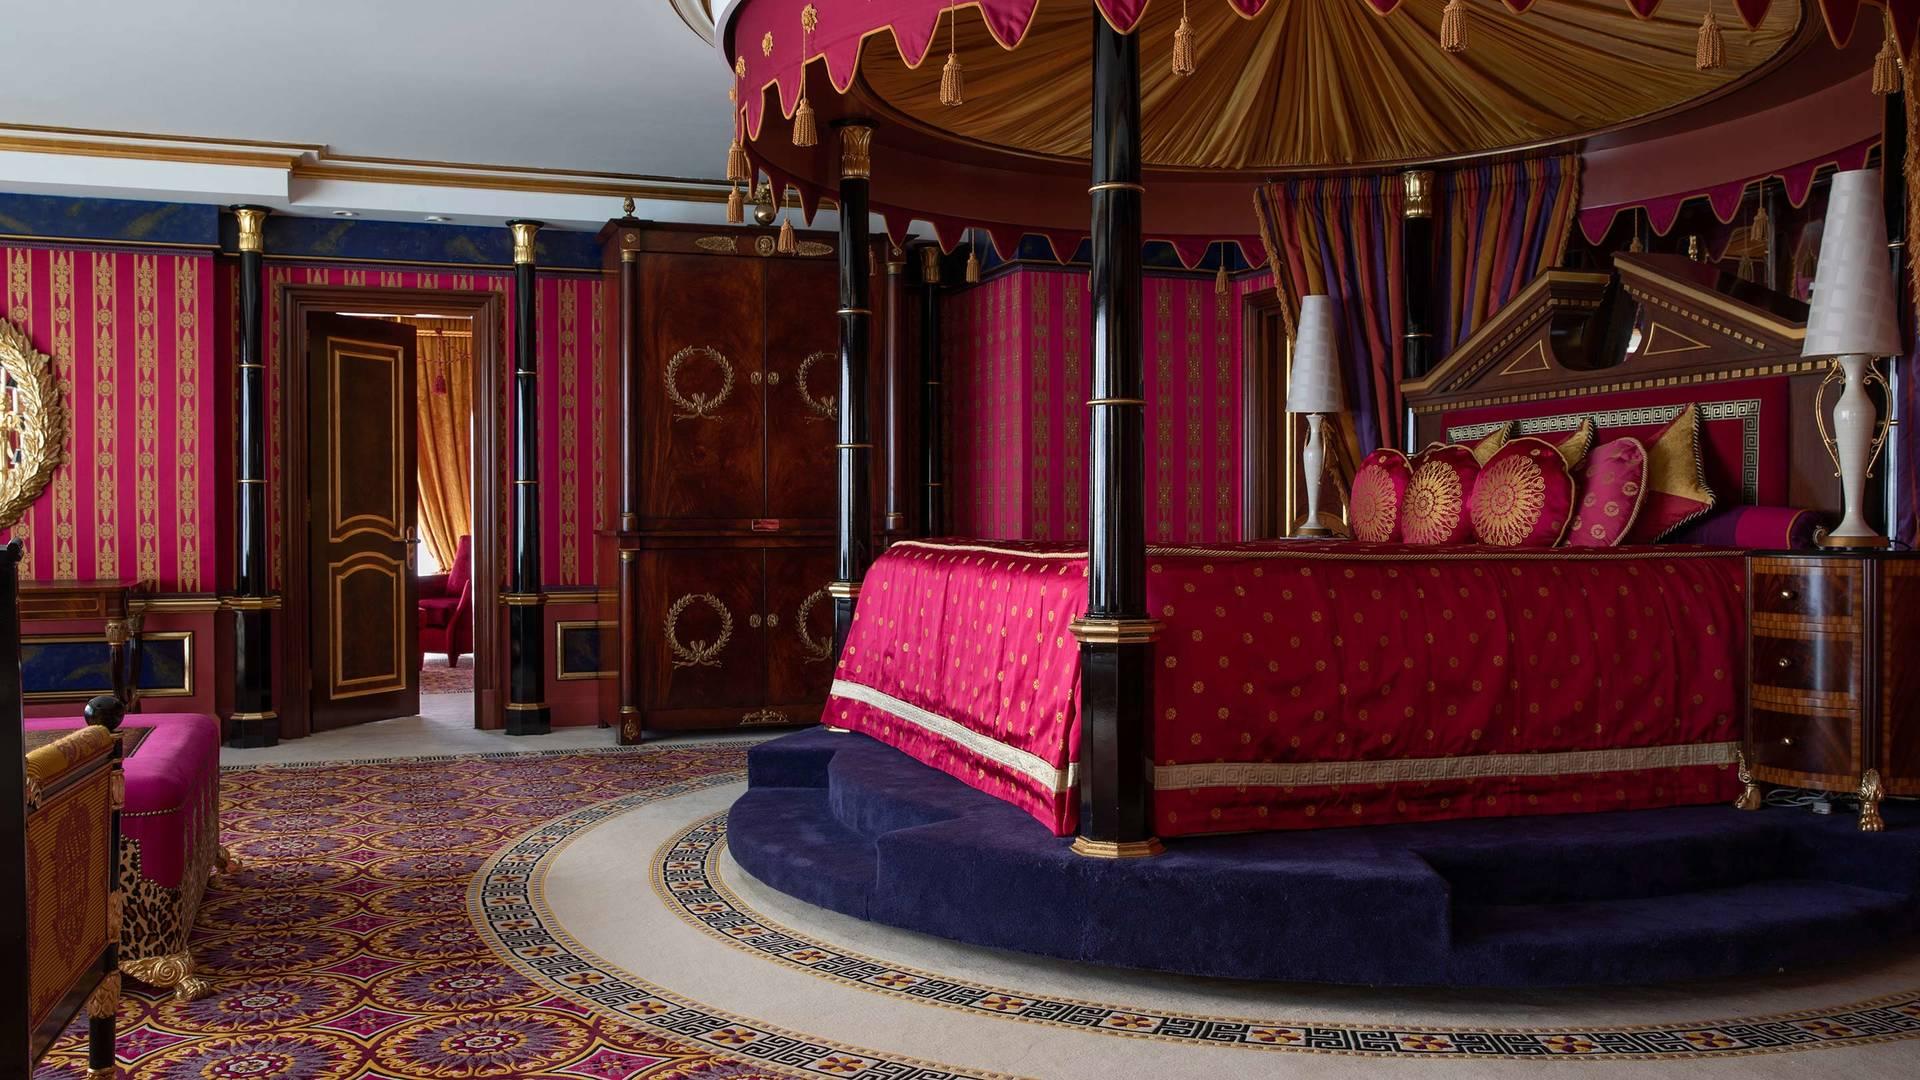 Jumeirah Burj Al Arab royal suite king bedroom_16-9